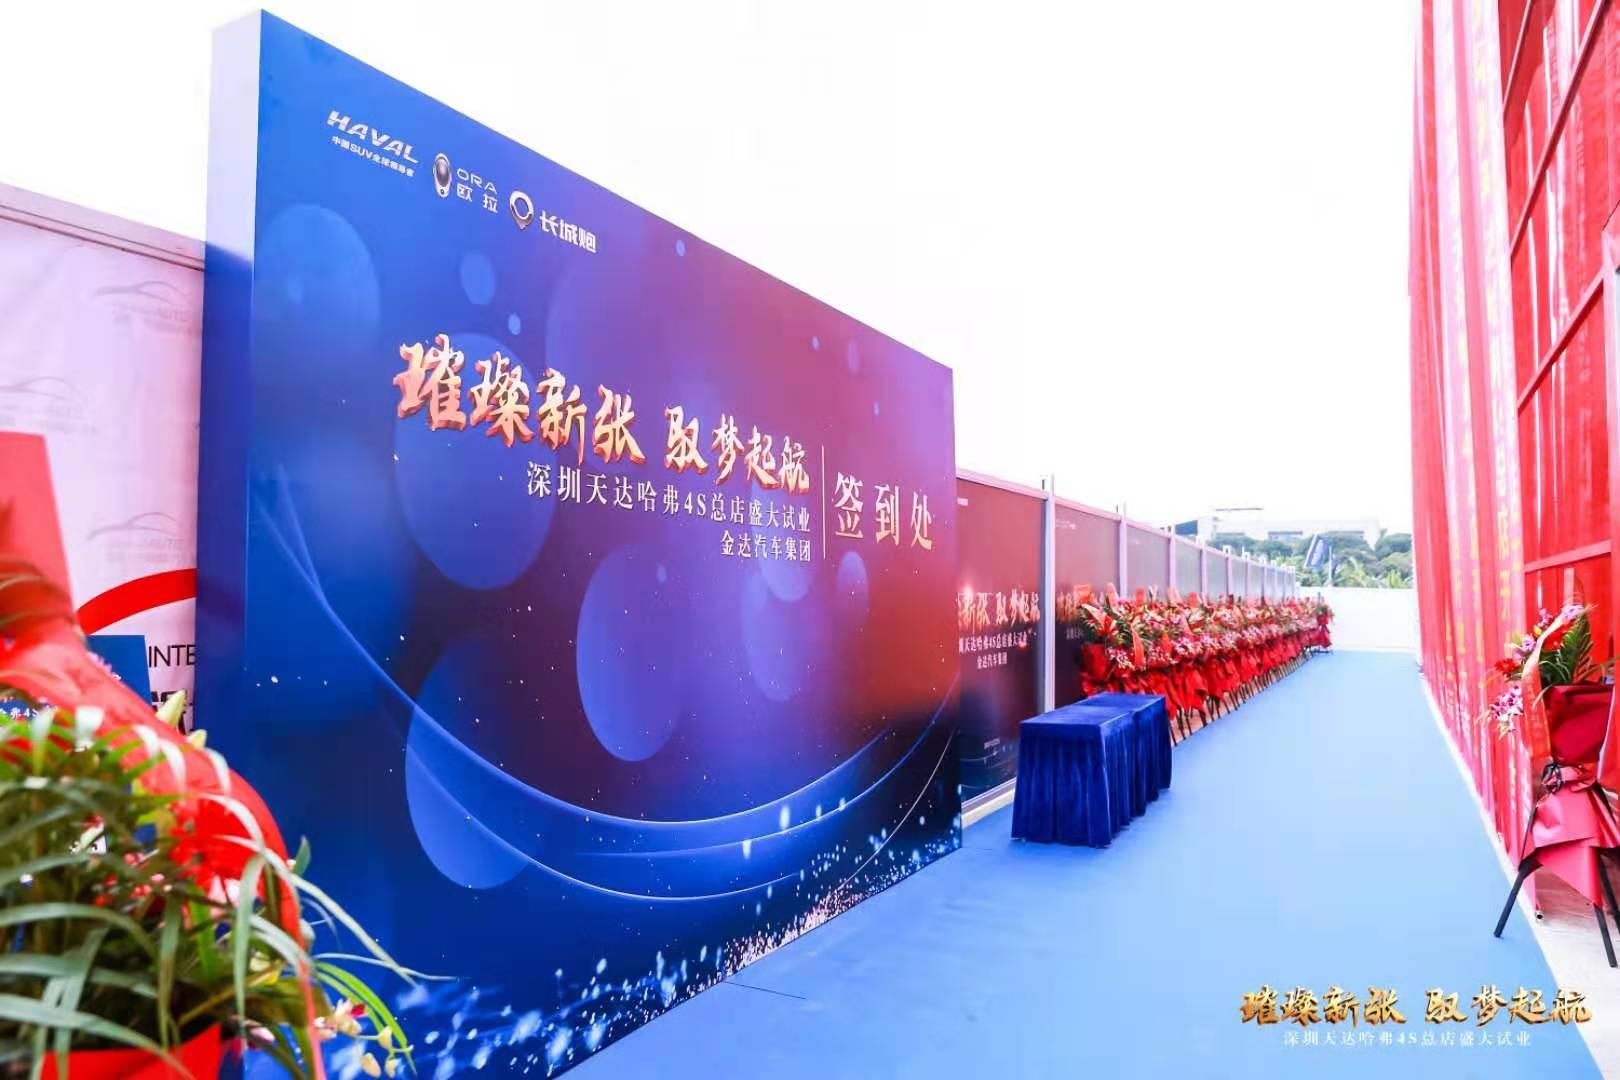 热烈祝贺光明国际汽车城首家4S店深圳天达哈弗4S总店盛大试